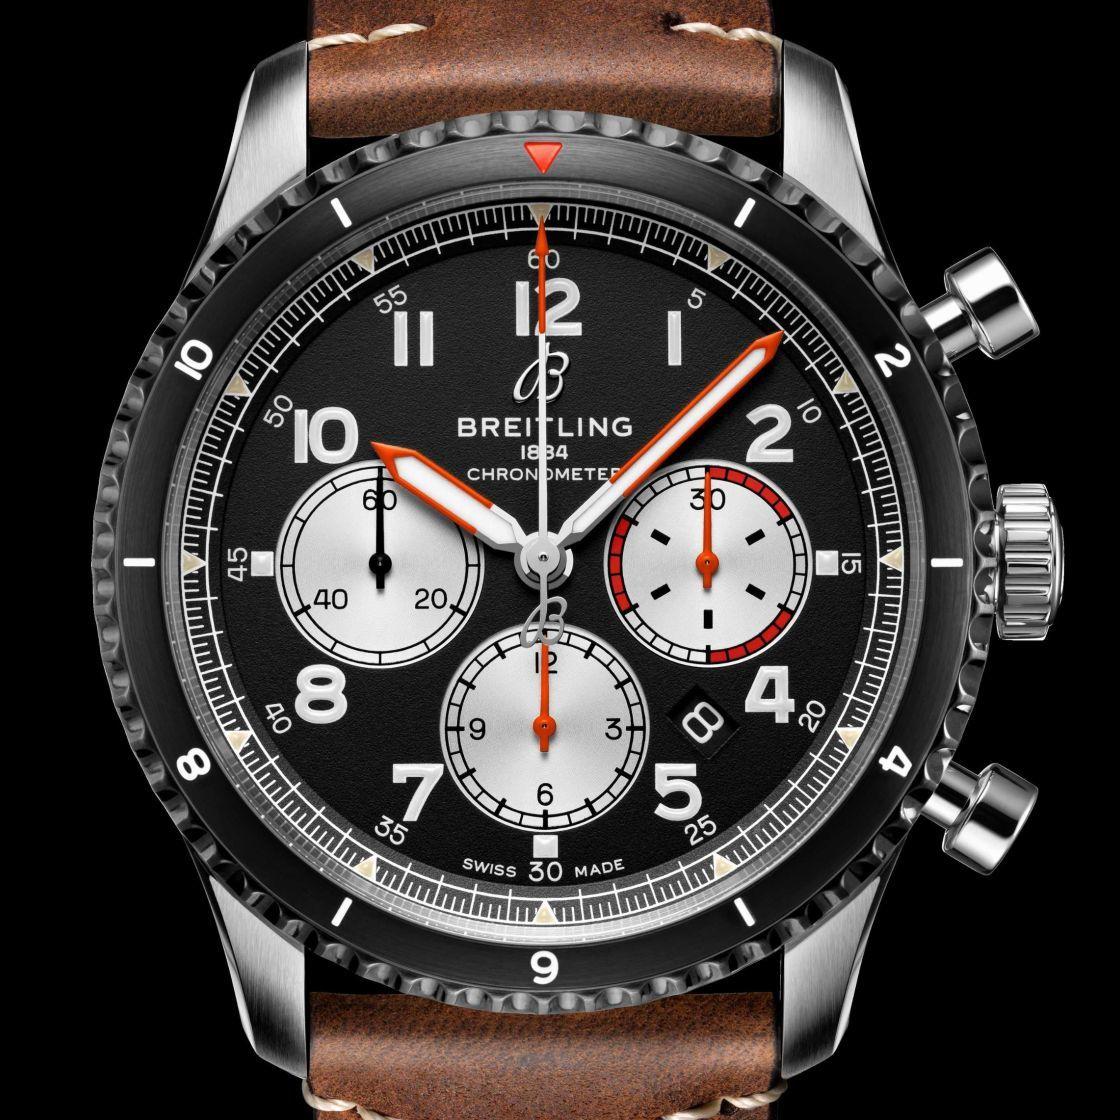 向經典致敬─百年靈 AVIATOR 8 MOSQUITO 航空計時腕錶